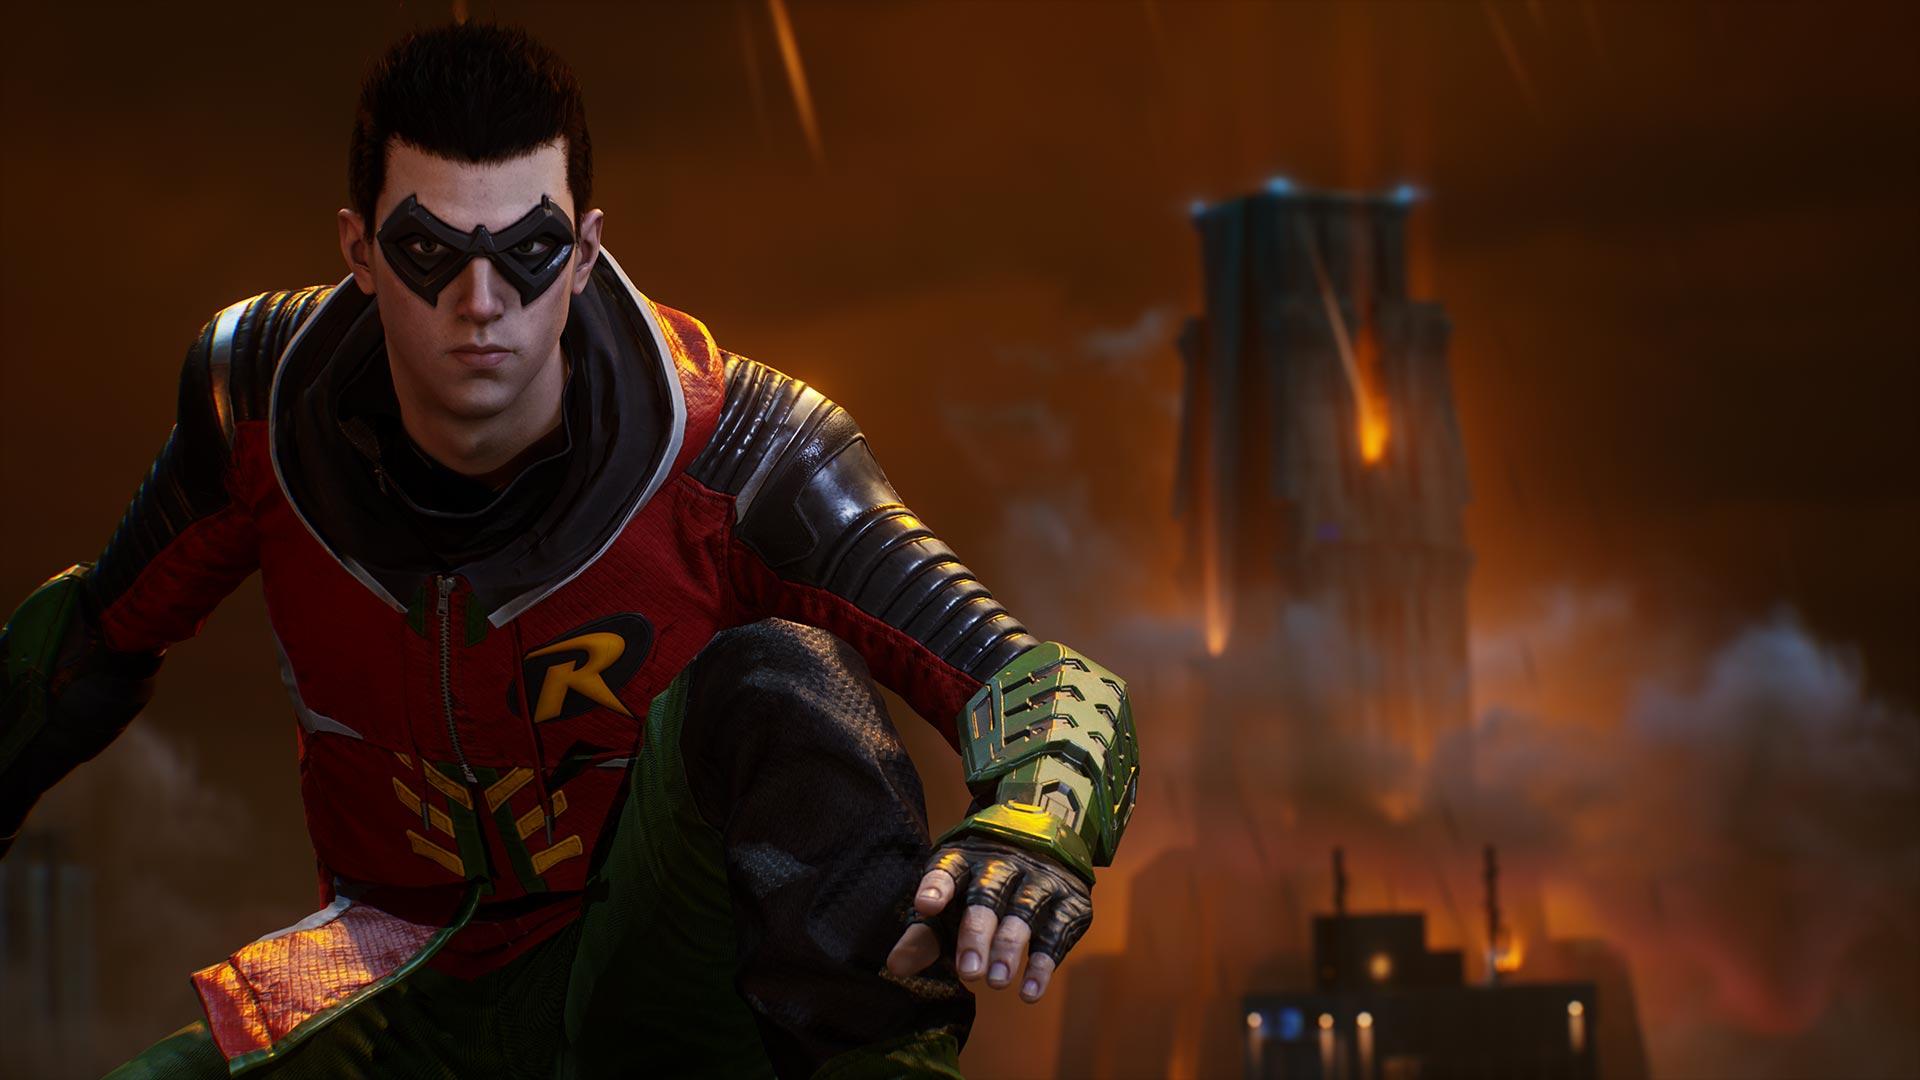 داستان بازی Gotham Knights